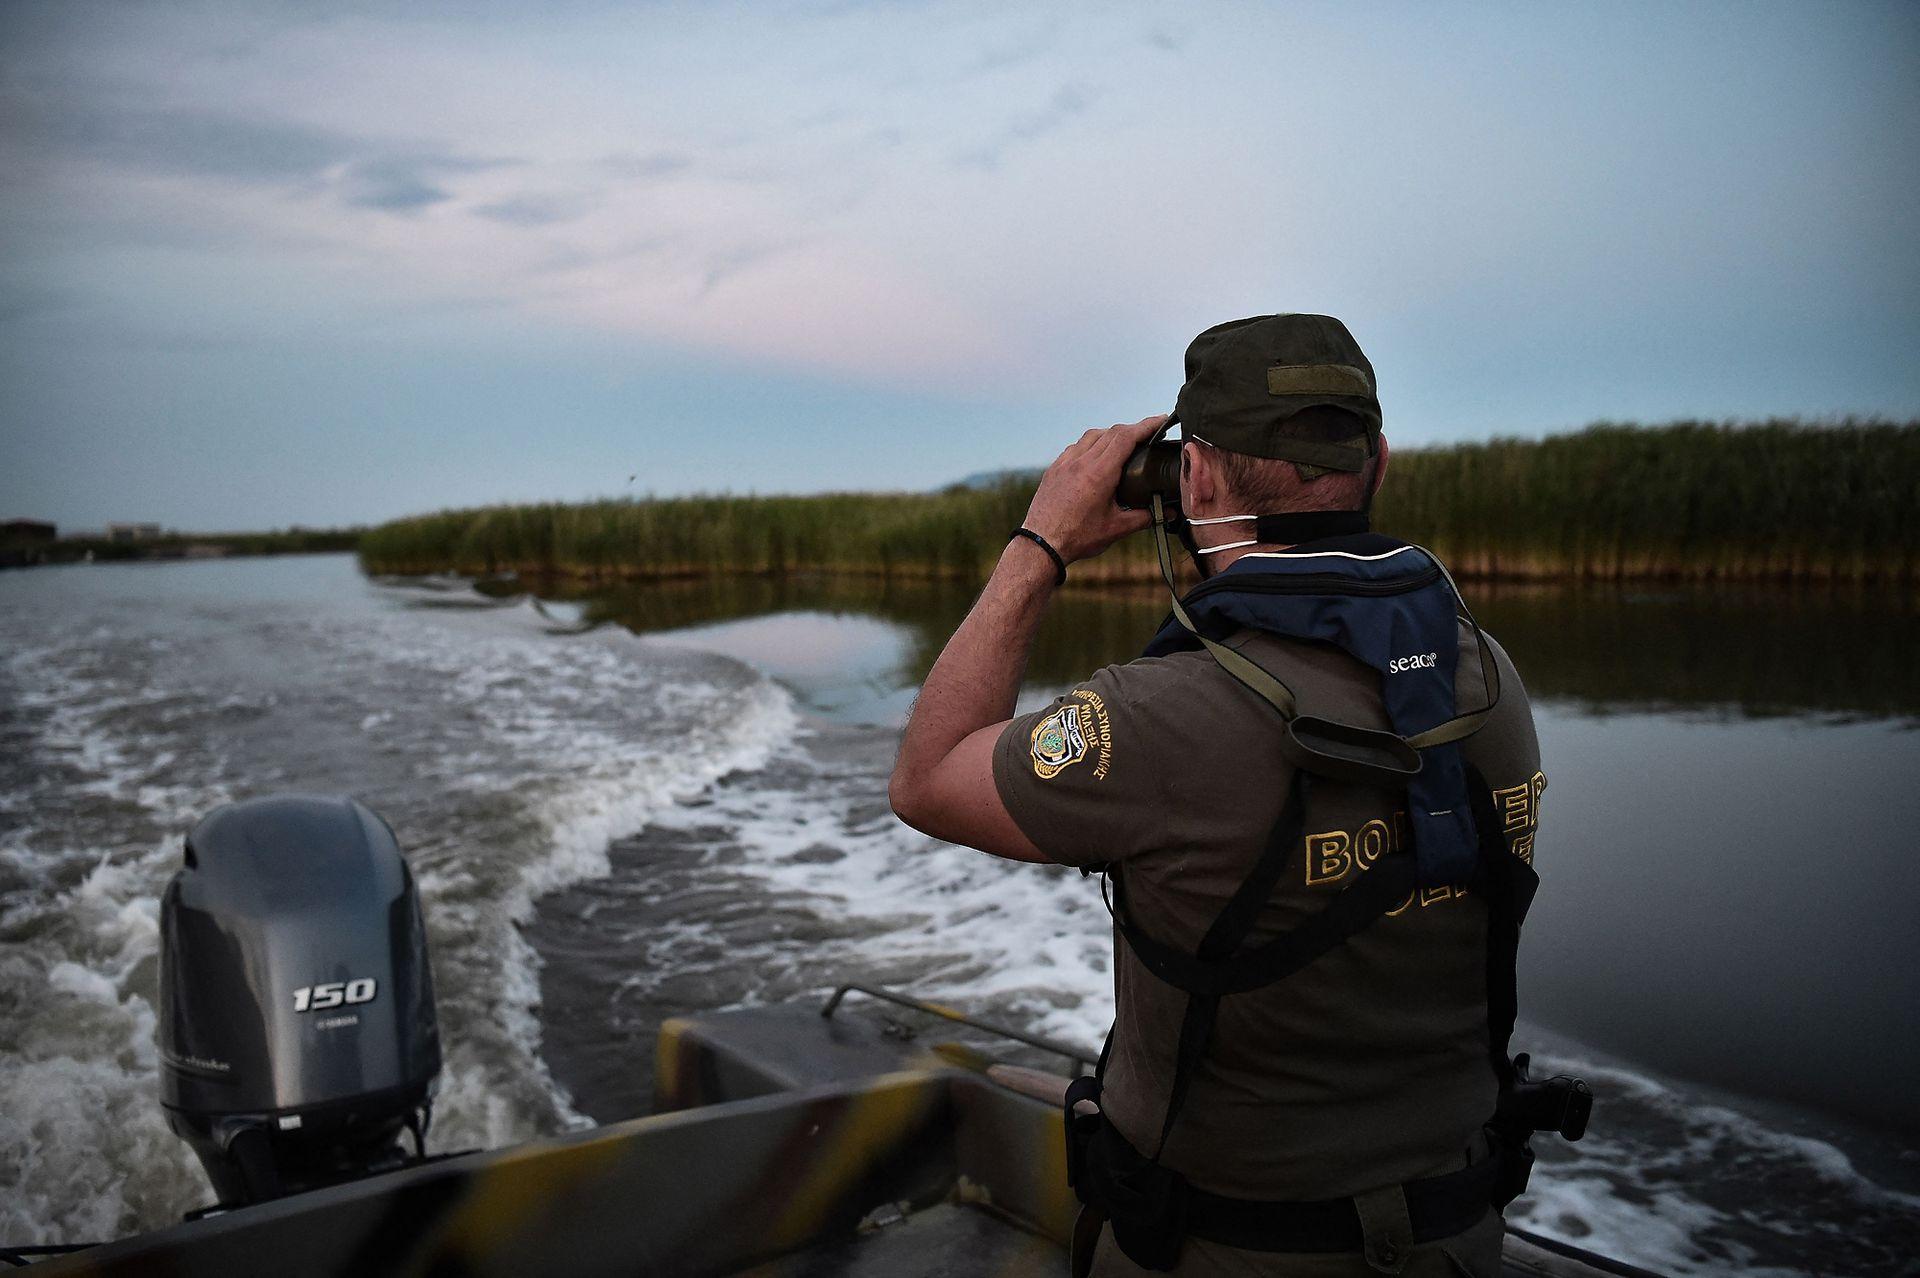 El sol se pone sobre el delta del Evros, la frontera fluvial entre Grecia y Turquía, cuando dos guardias griegos comienzan sus rondas diarias para evitar que los migrantes entren ilegalmente por el río